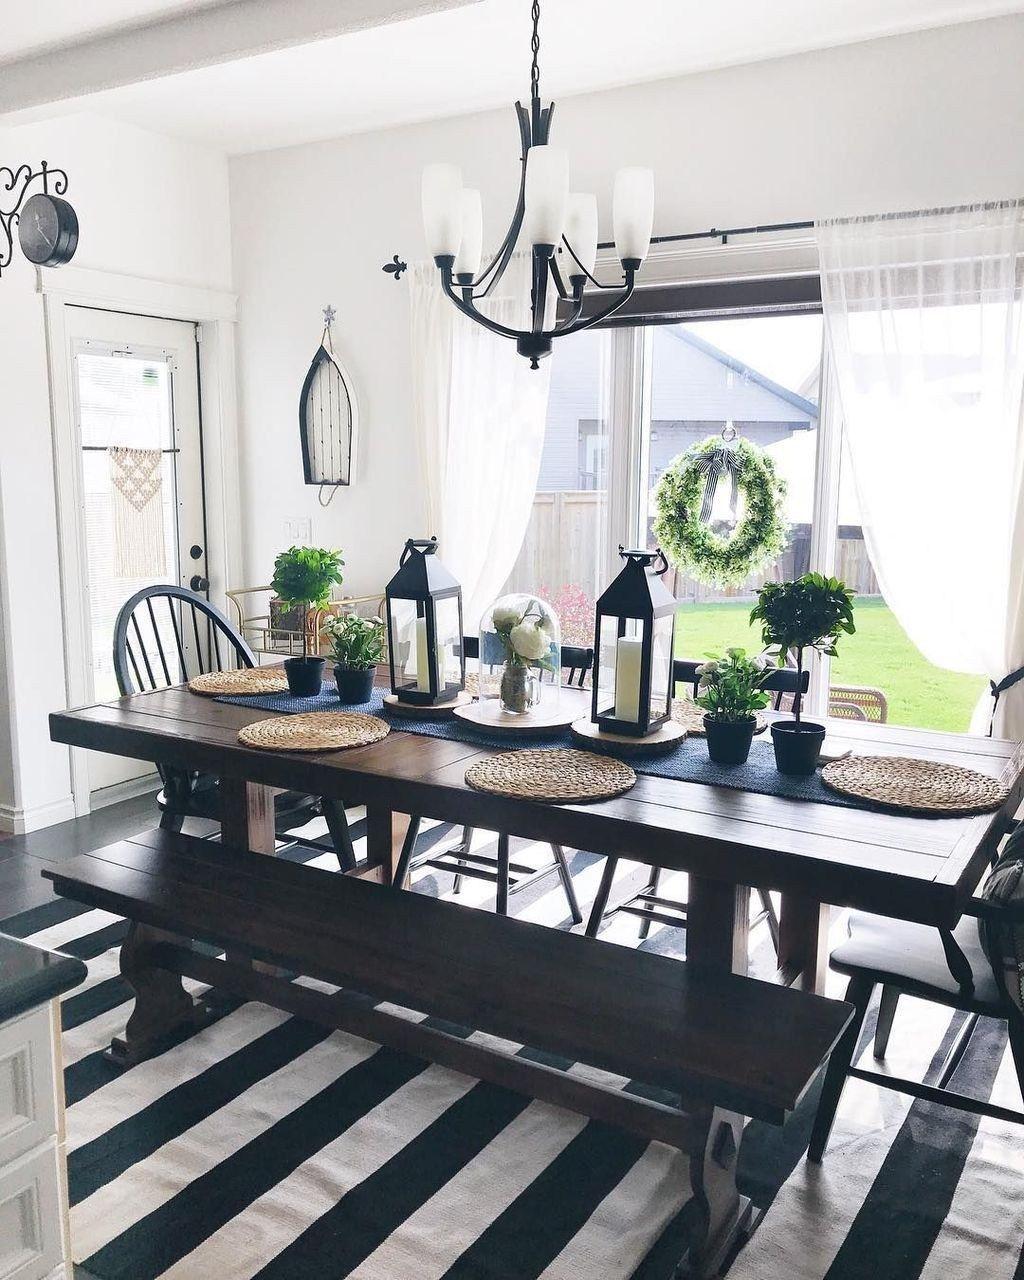 50 Amazing Nautical Dining Room Decor Ideas Trendehouse Nautical Dining Rooms Dining Room Decor Dining Room Design